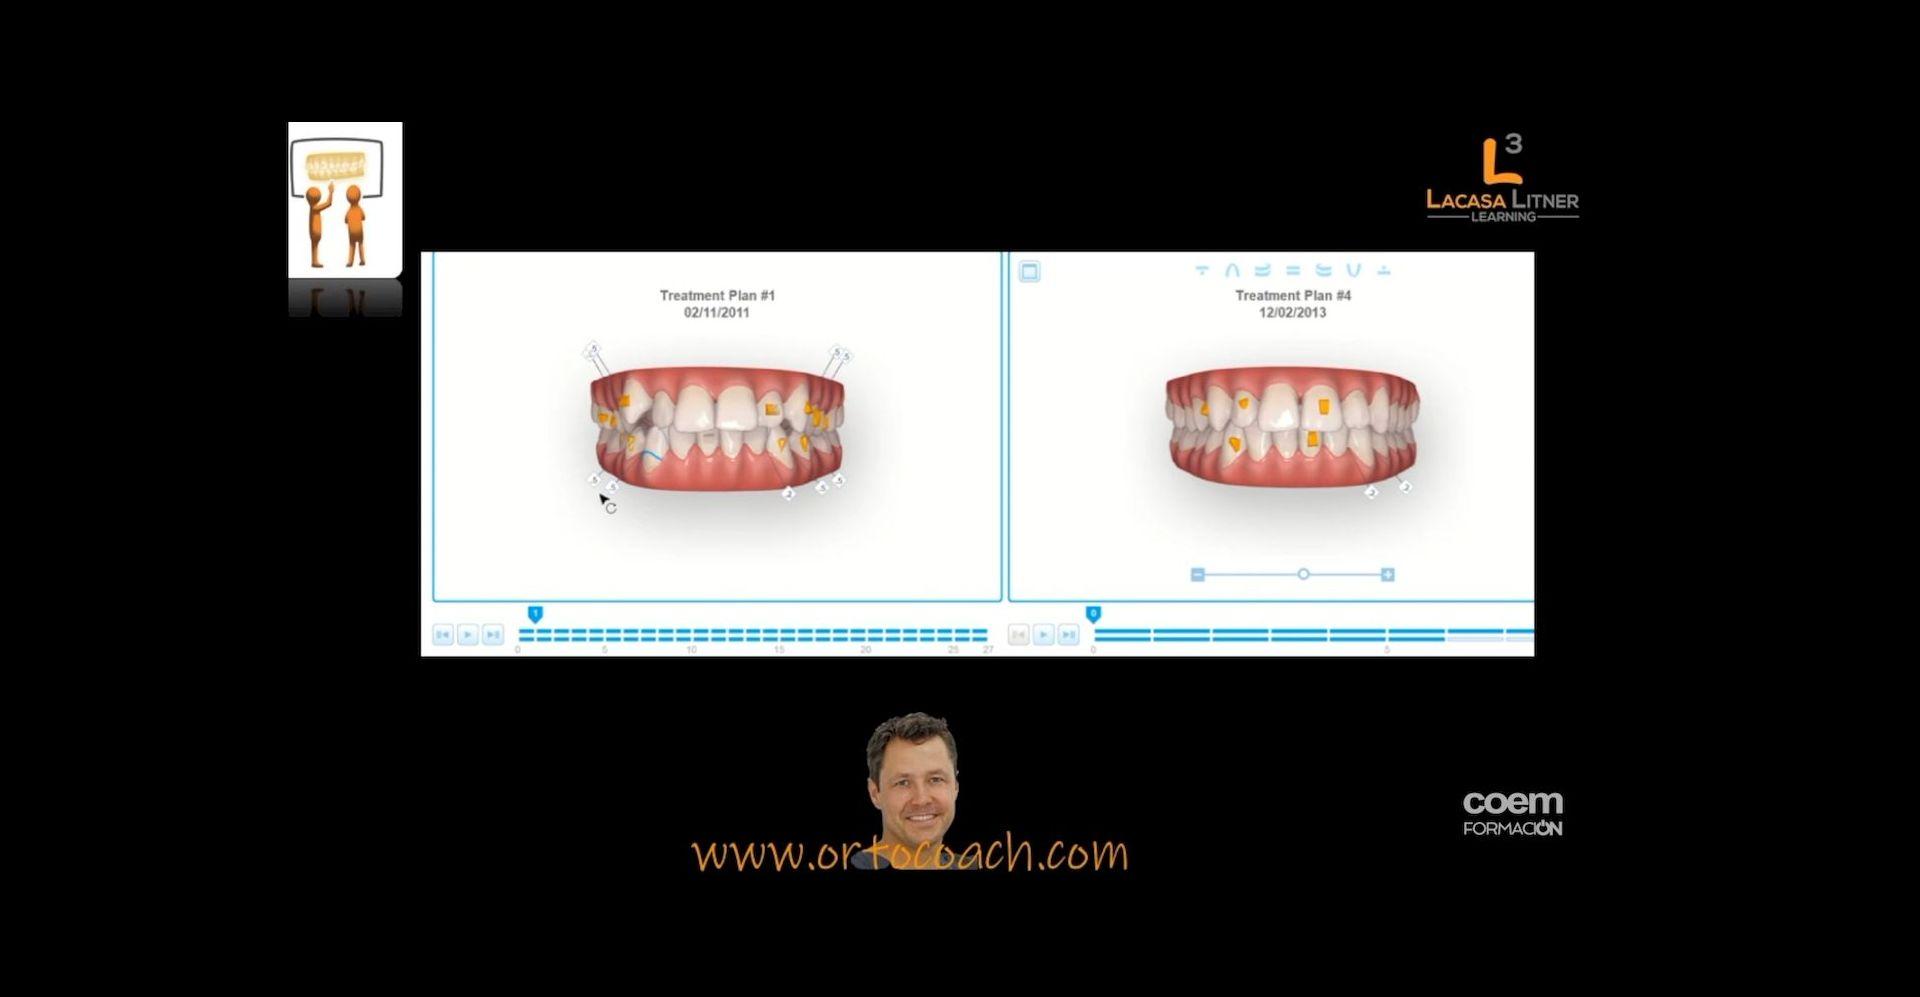 curso ortodoncia colegio odontologos y estomatologos de Toledo